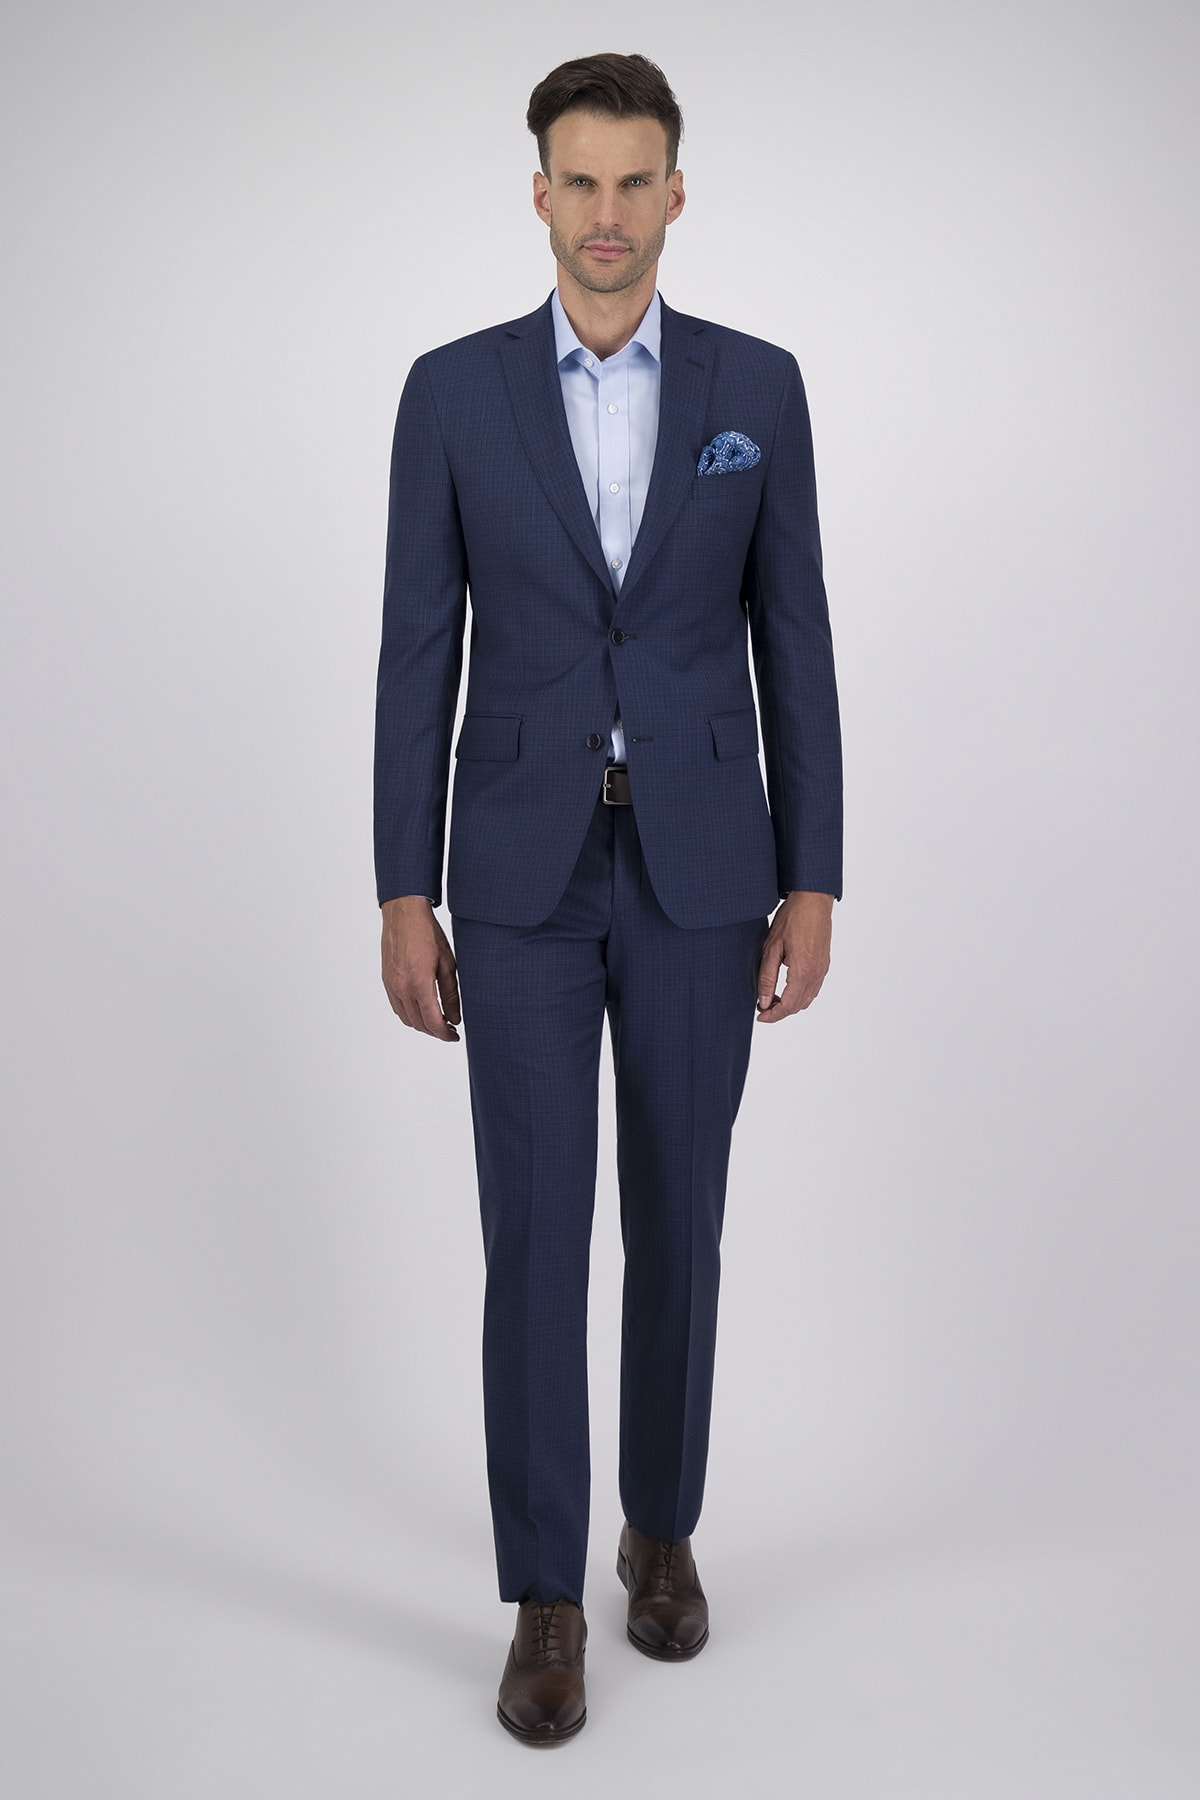 Traje corte Regular tejido Cloth Ermenegildo Zegna azul con cuadro diminuto